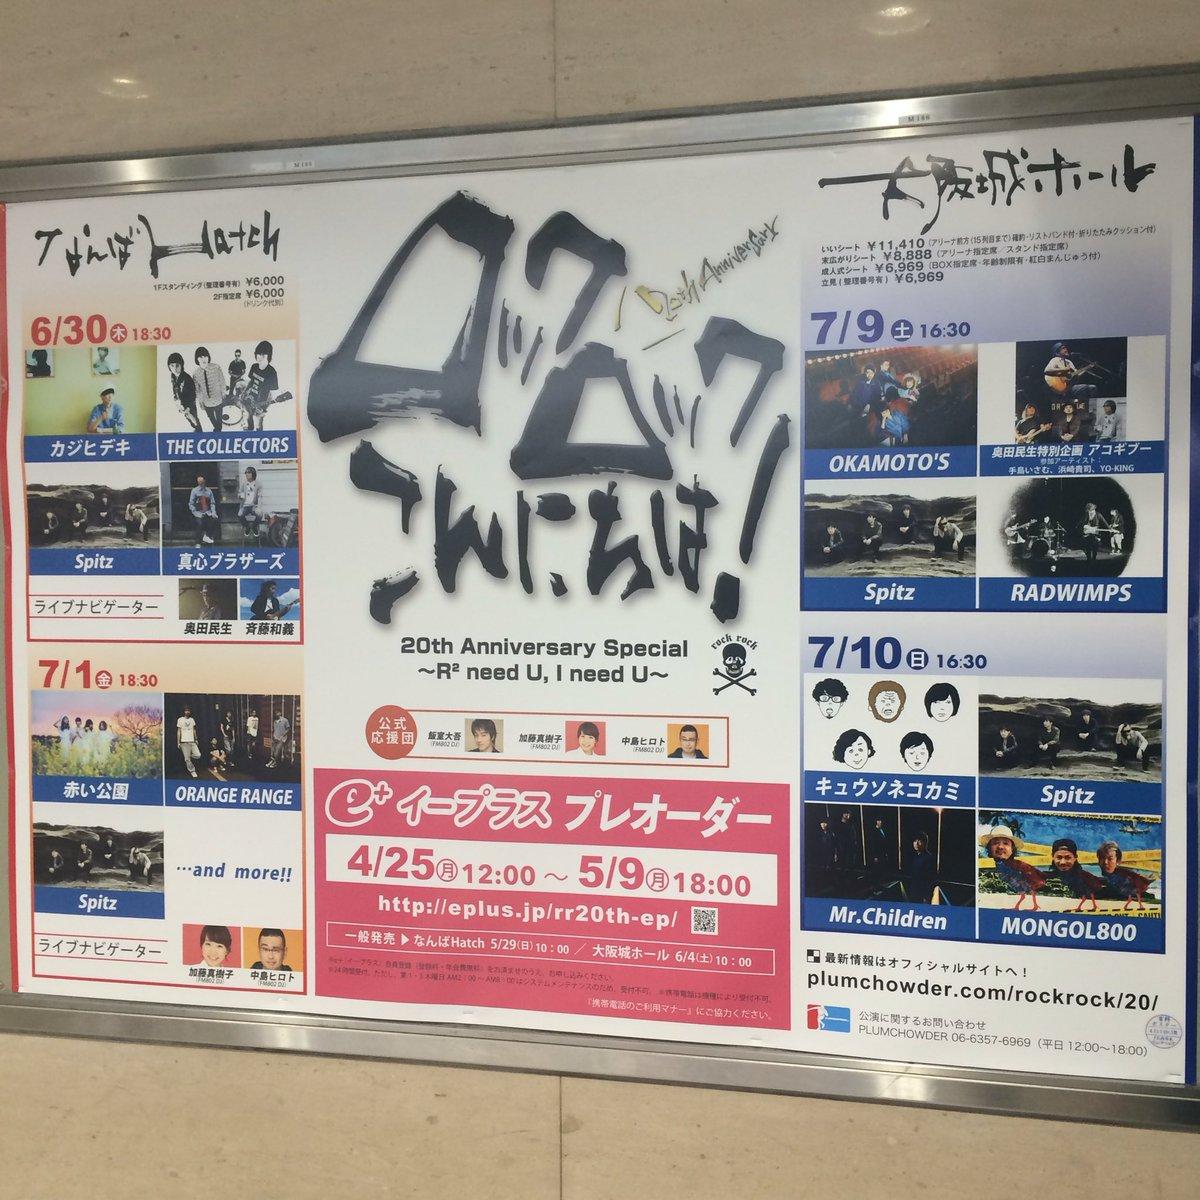 本日よりJR京都線・神戸線新快速8駅(神戸/三ノ宮/芦屋/尼崎/大阪/新大阪/高槻/京都)にロックロックのポスターが掲示されます!!1週間の期間限定なので是非探してみて下さい♩ JR大阪駅は桜橋口の近くにありました☆ https://t.co/D278j5ywZJ